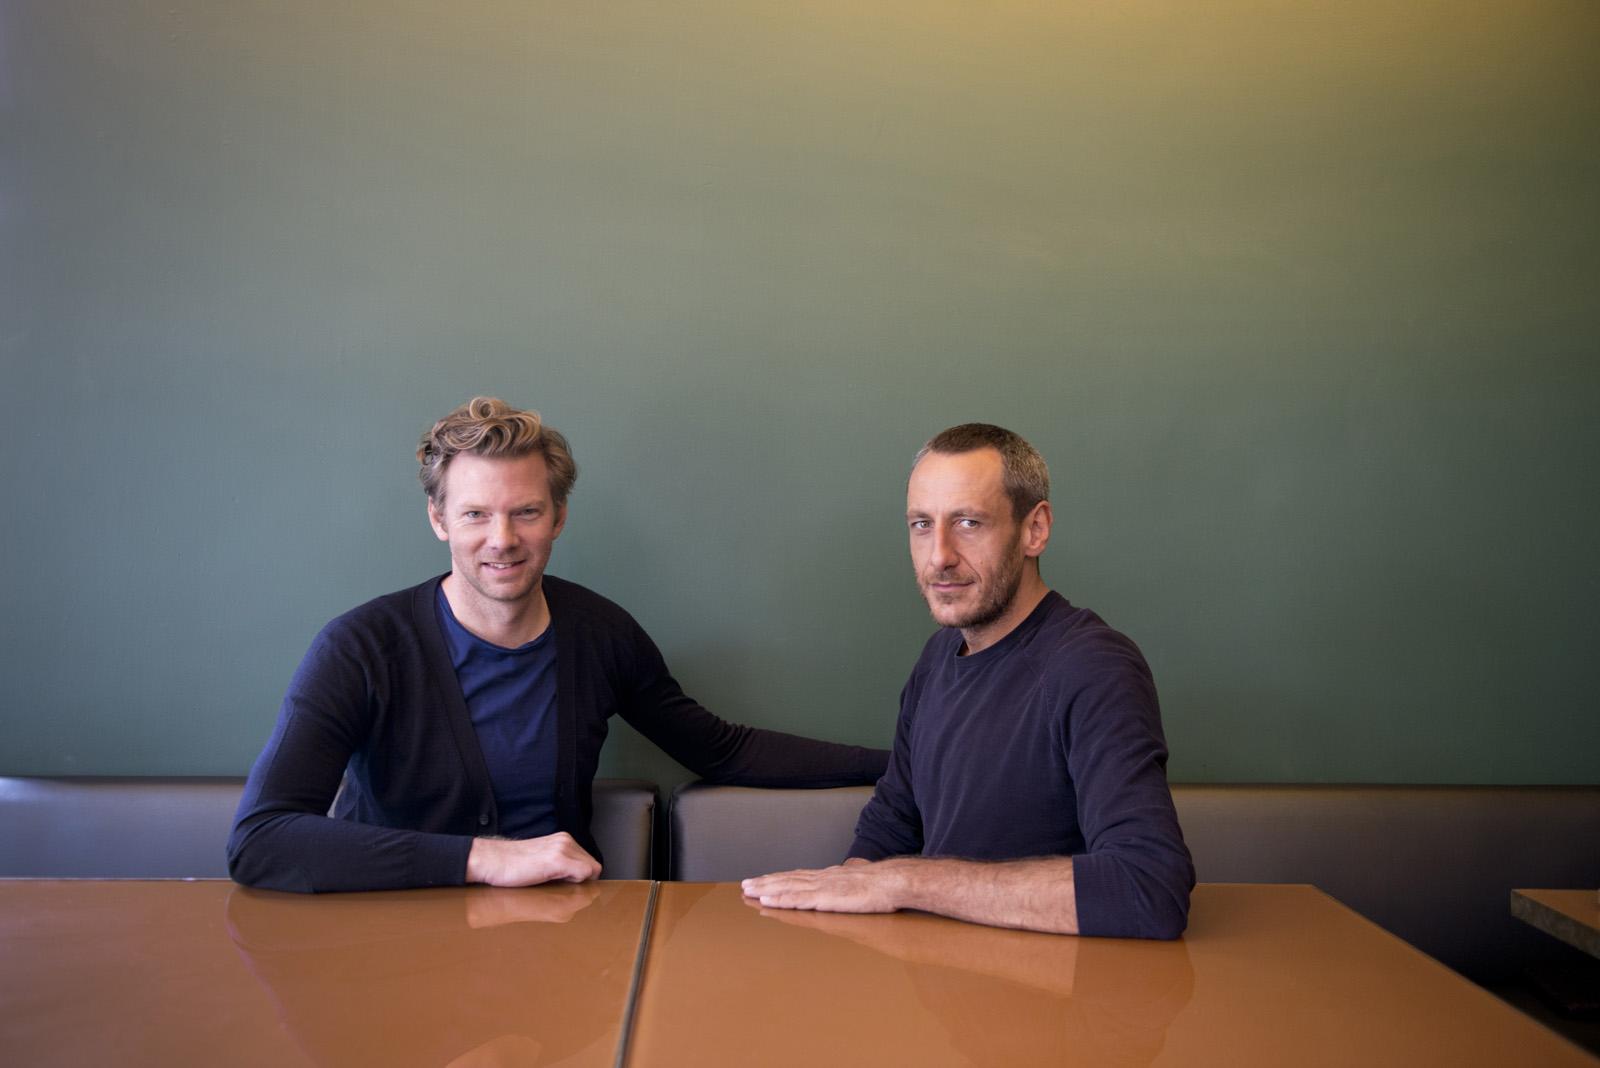 Brit Moran and Emiliano Salci founders of Dimorestudio at Casa Fayette. Habita Hotels, Guadalajara, Mexico